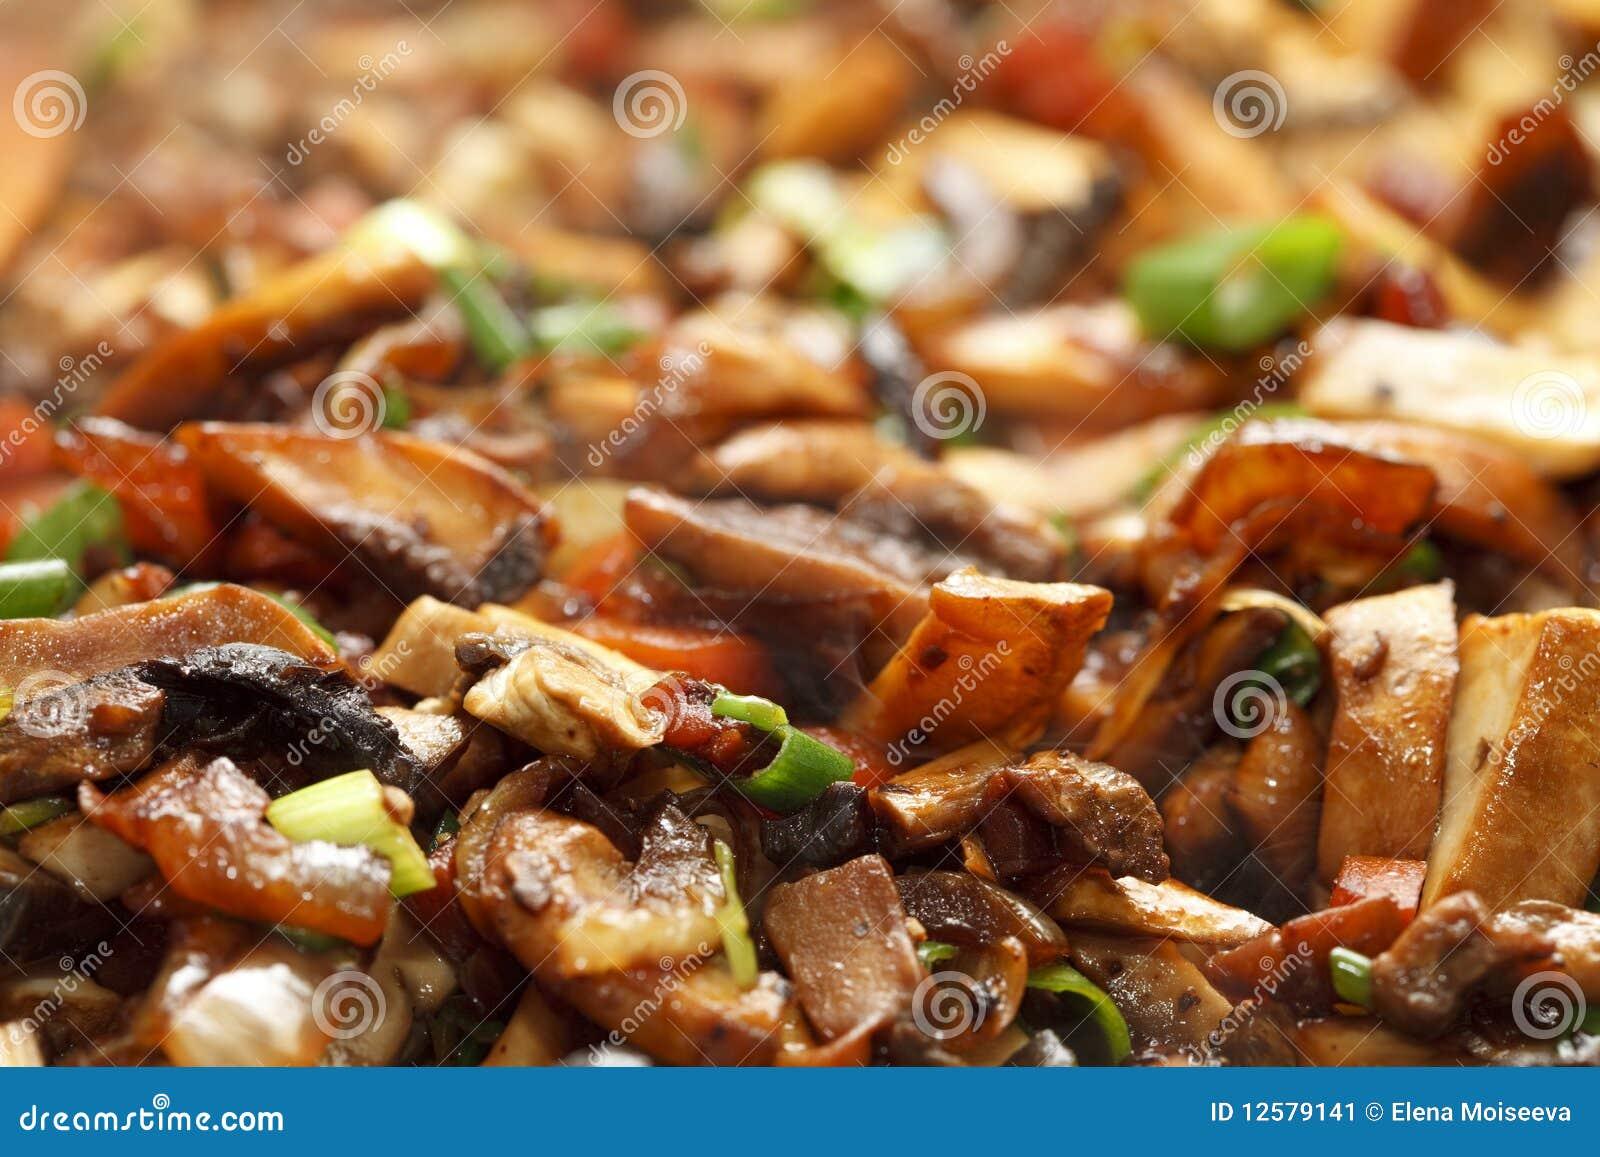 Remuez faire frire des vegs - oignon de source, mashrooms, raccord en caoutchouc